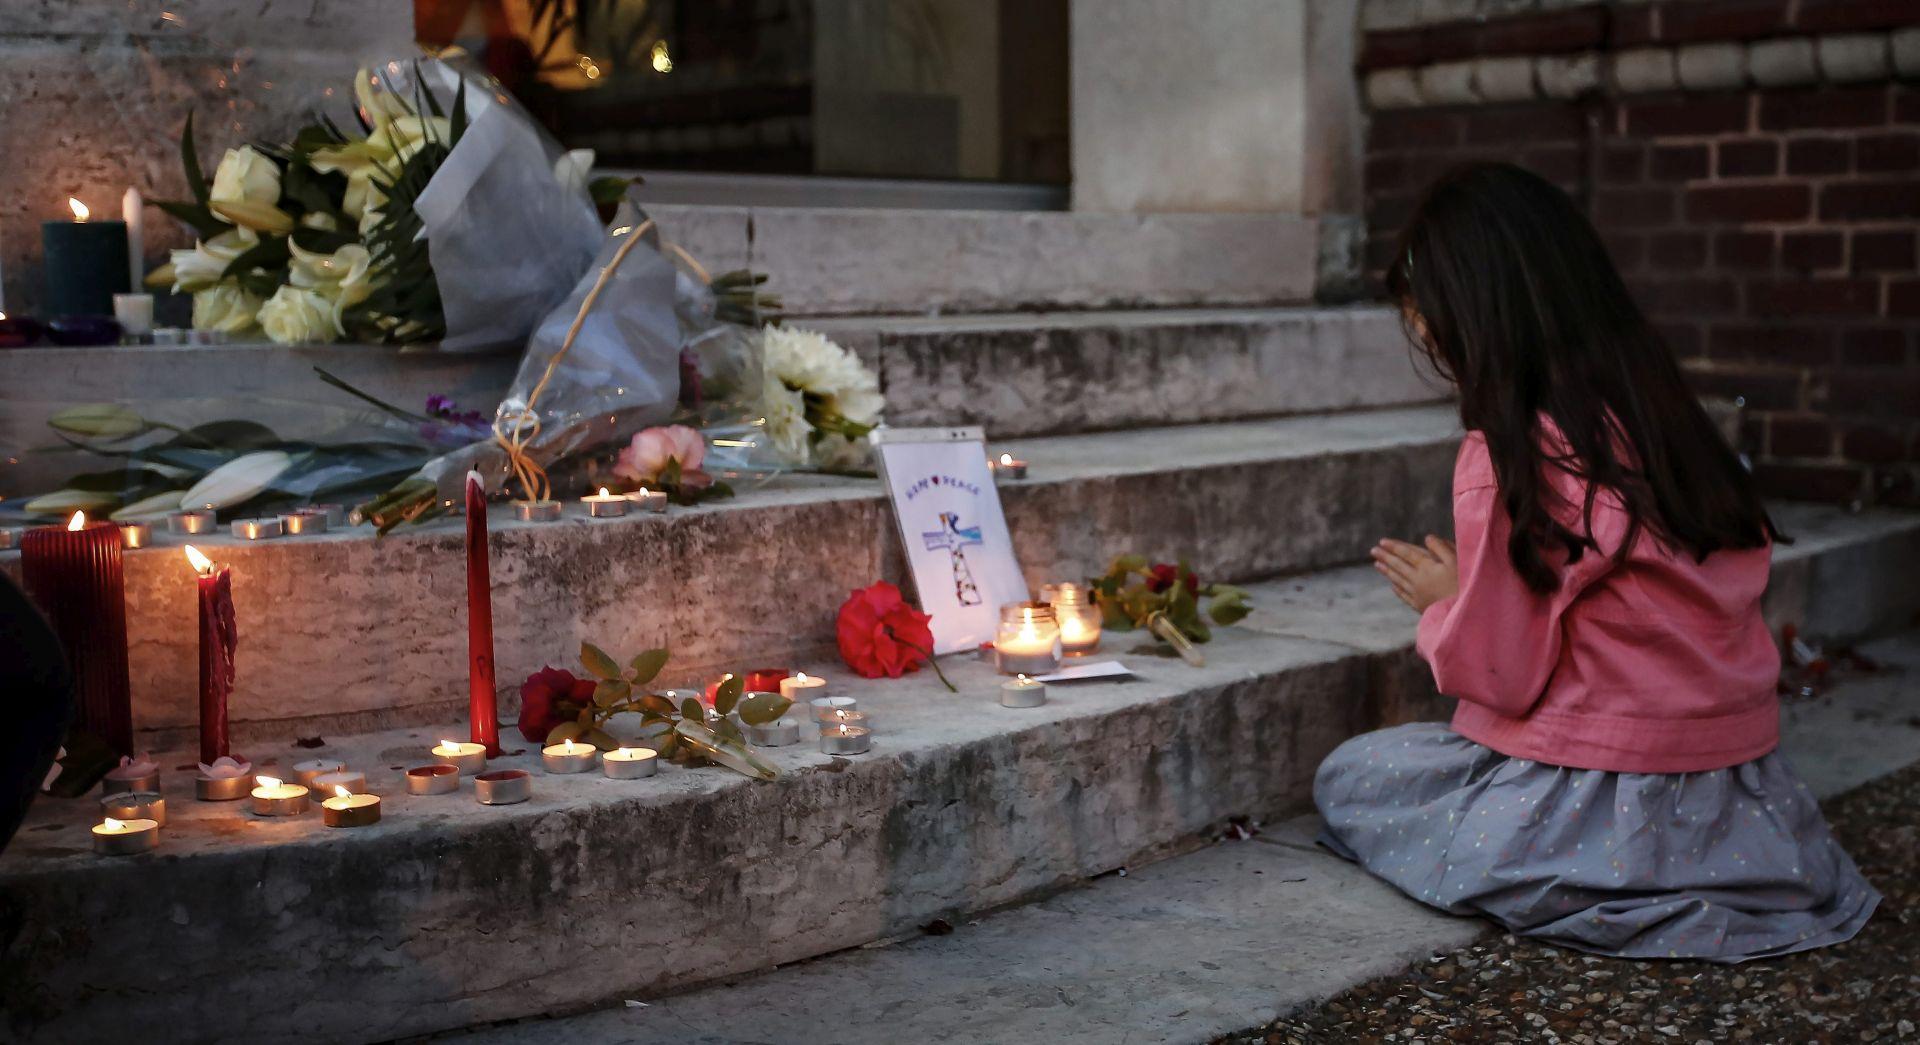 PREUZELI ODGOVORNOST: IS objavila snimku s porukom napadača na crkvu u Francuskoj